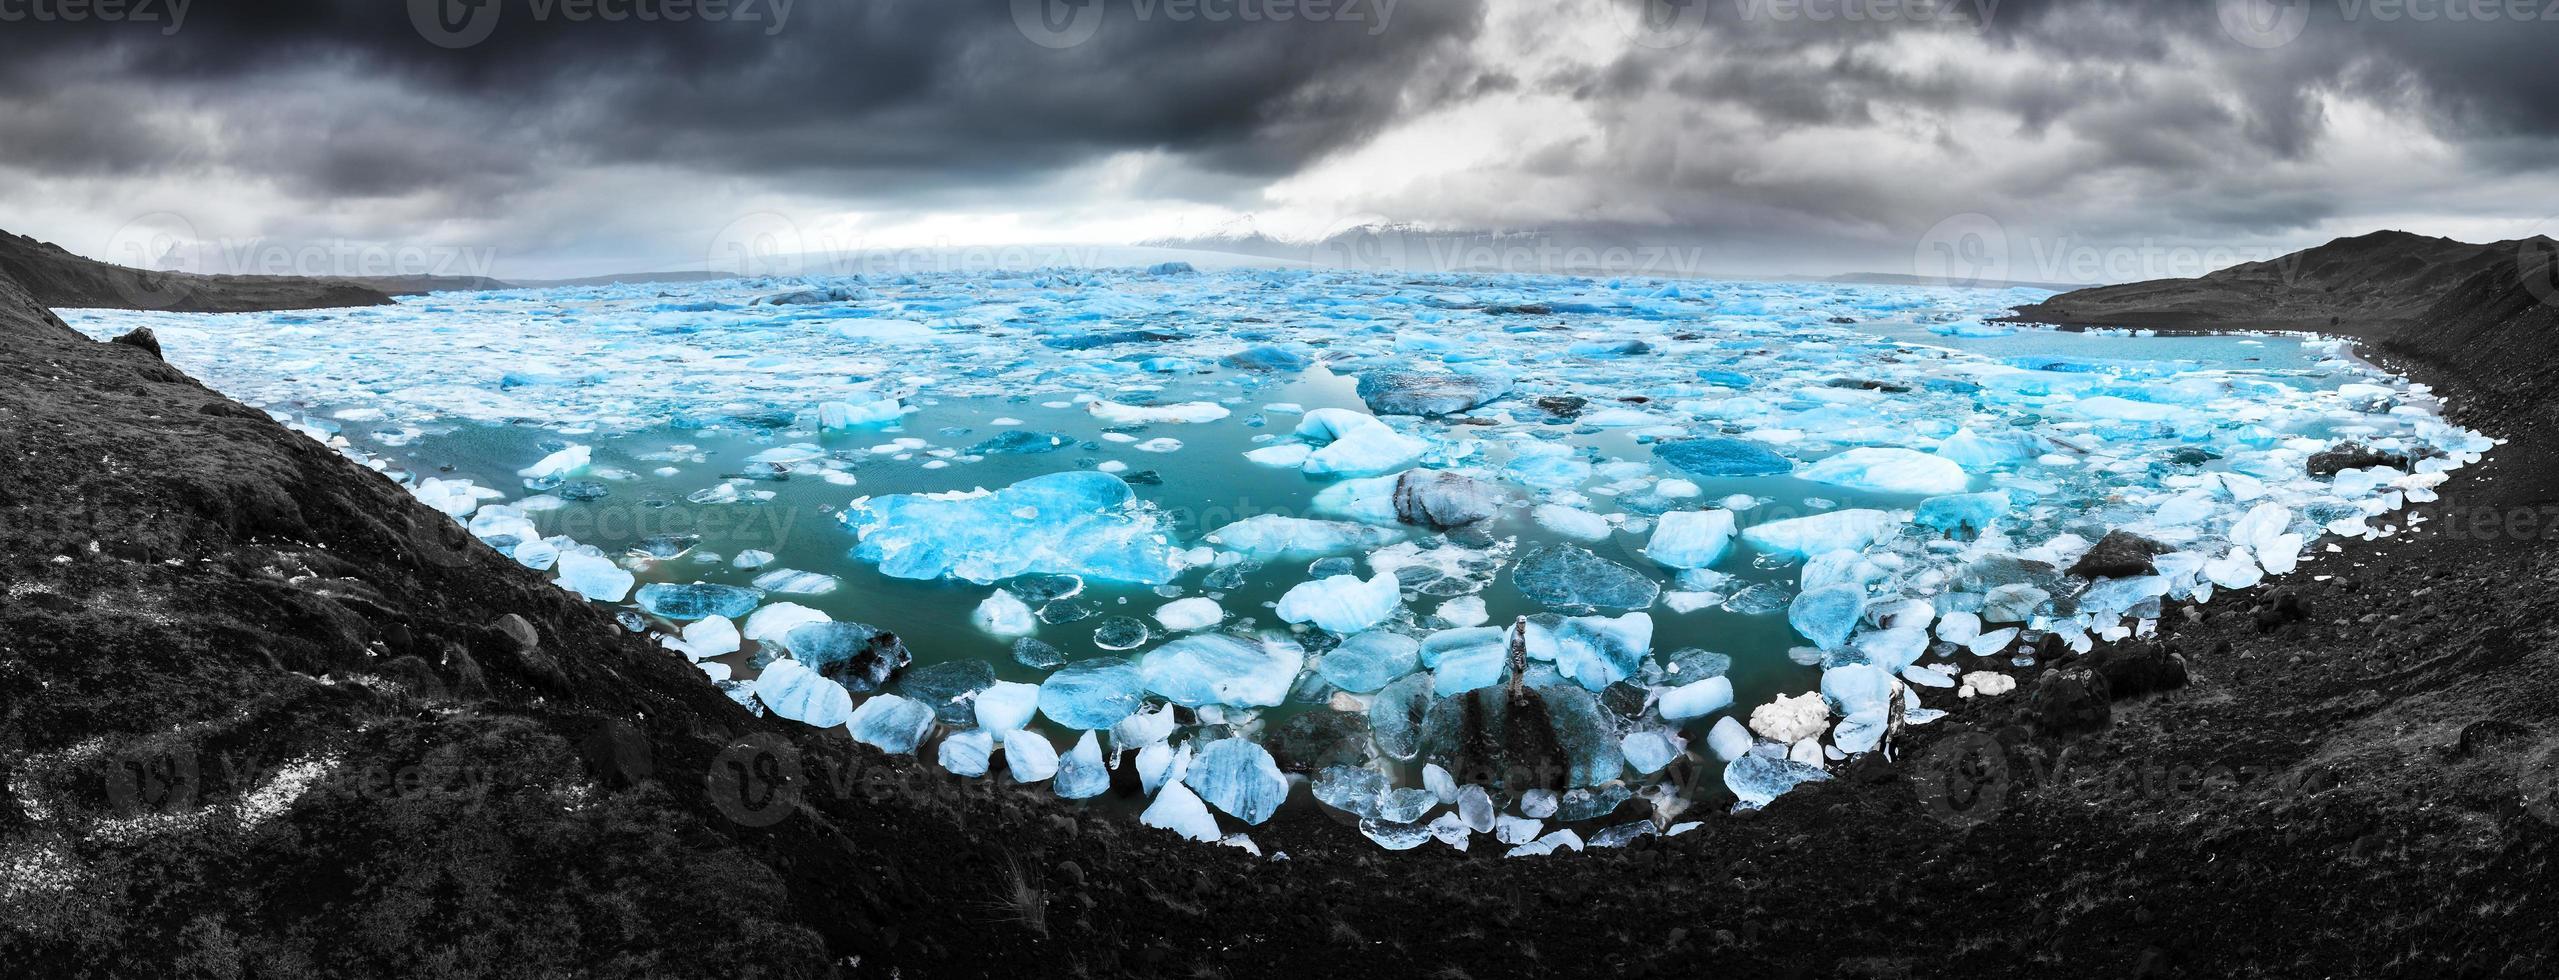 jokulsarlon azul e preto foto